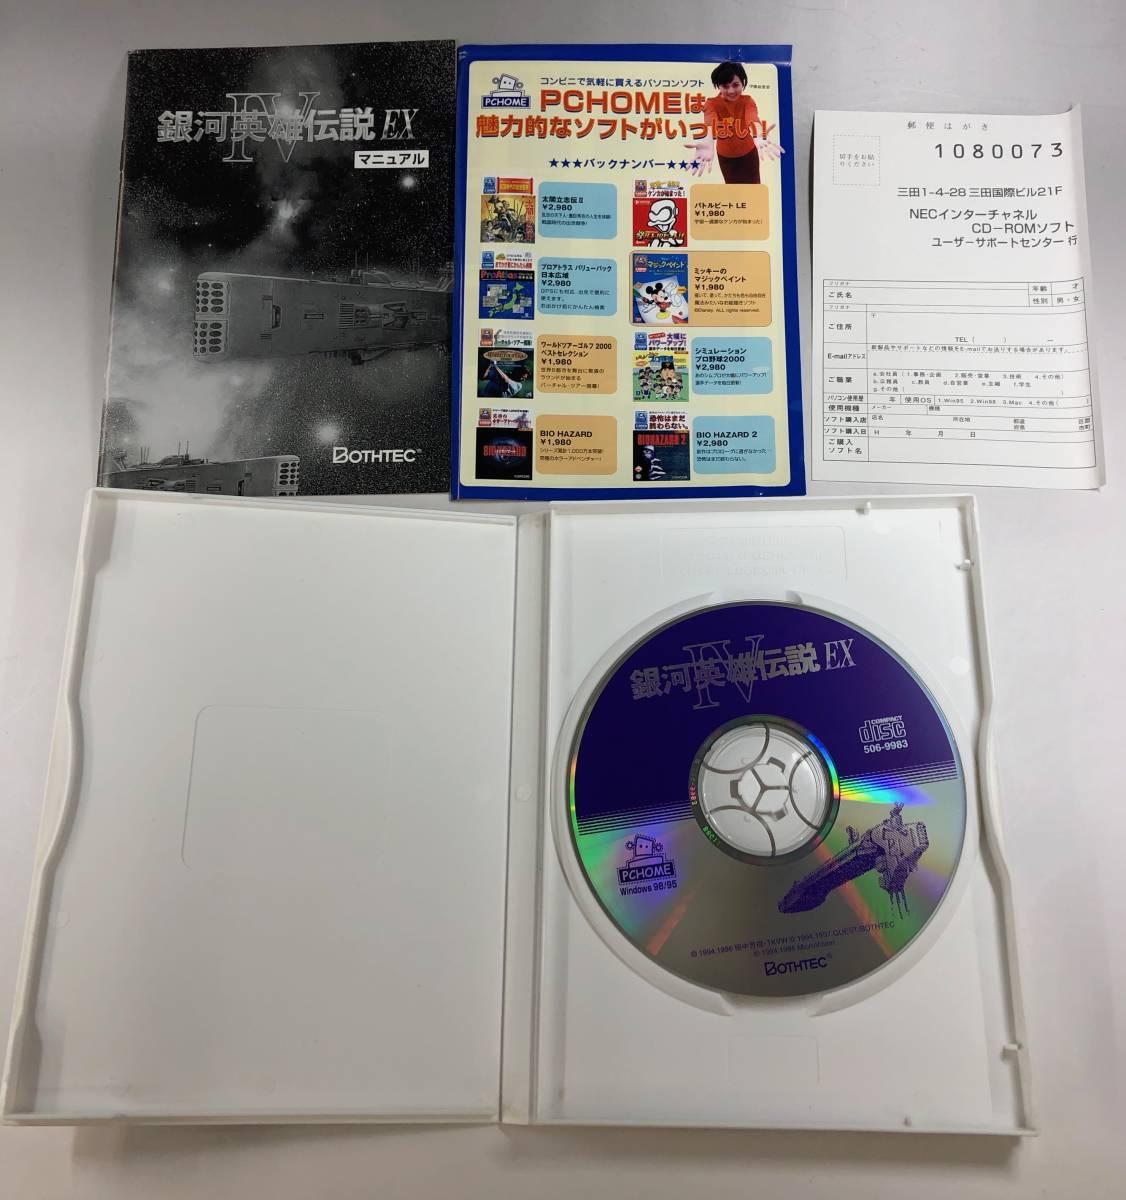 【171】レア!! 銀河英雄伝説Ⅳ EX 戦略シミュレーション Windows95/98 PCゲームソフト ボーステック_画像4